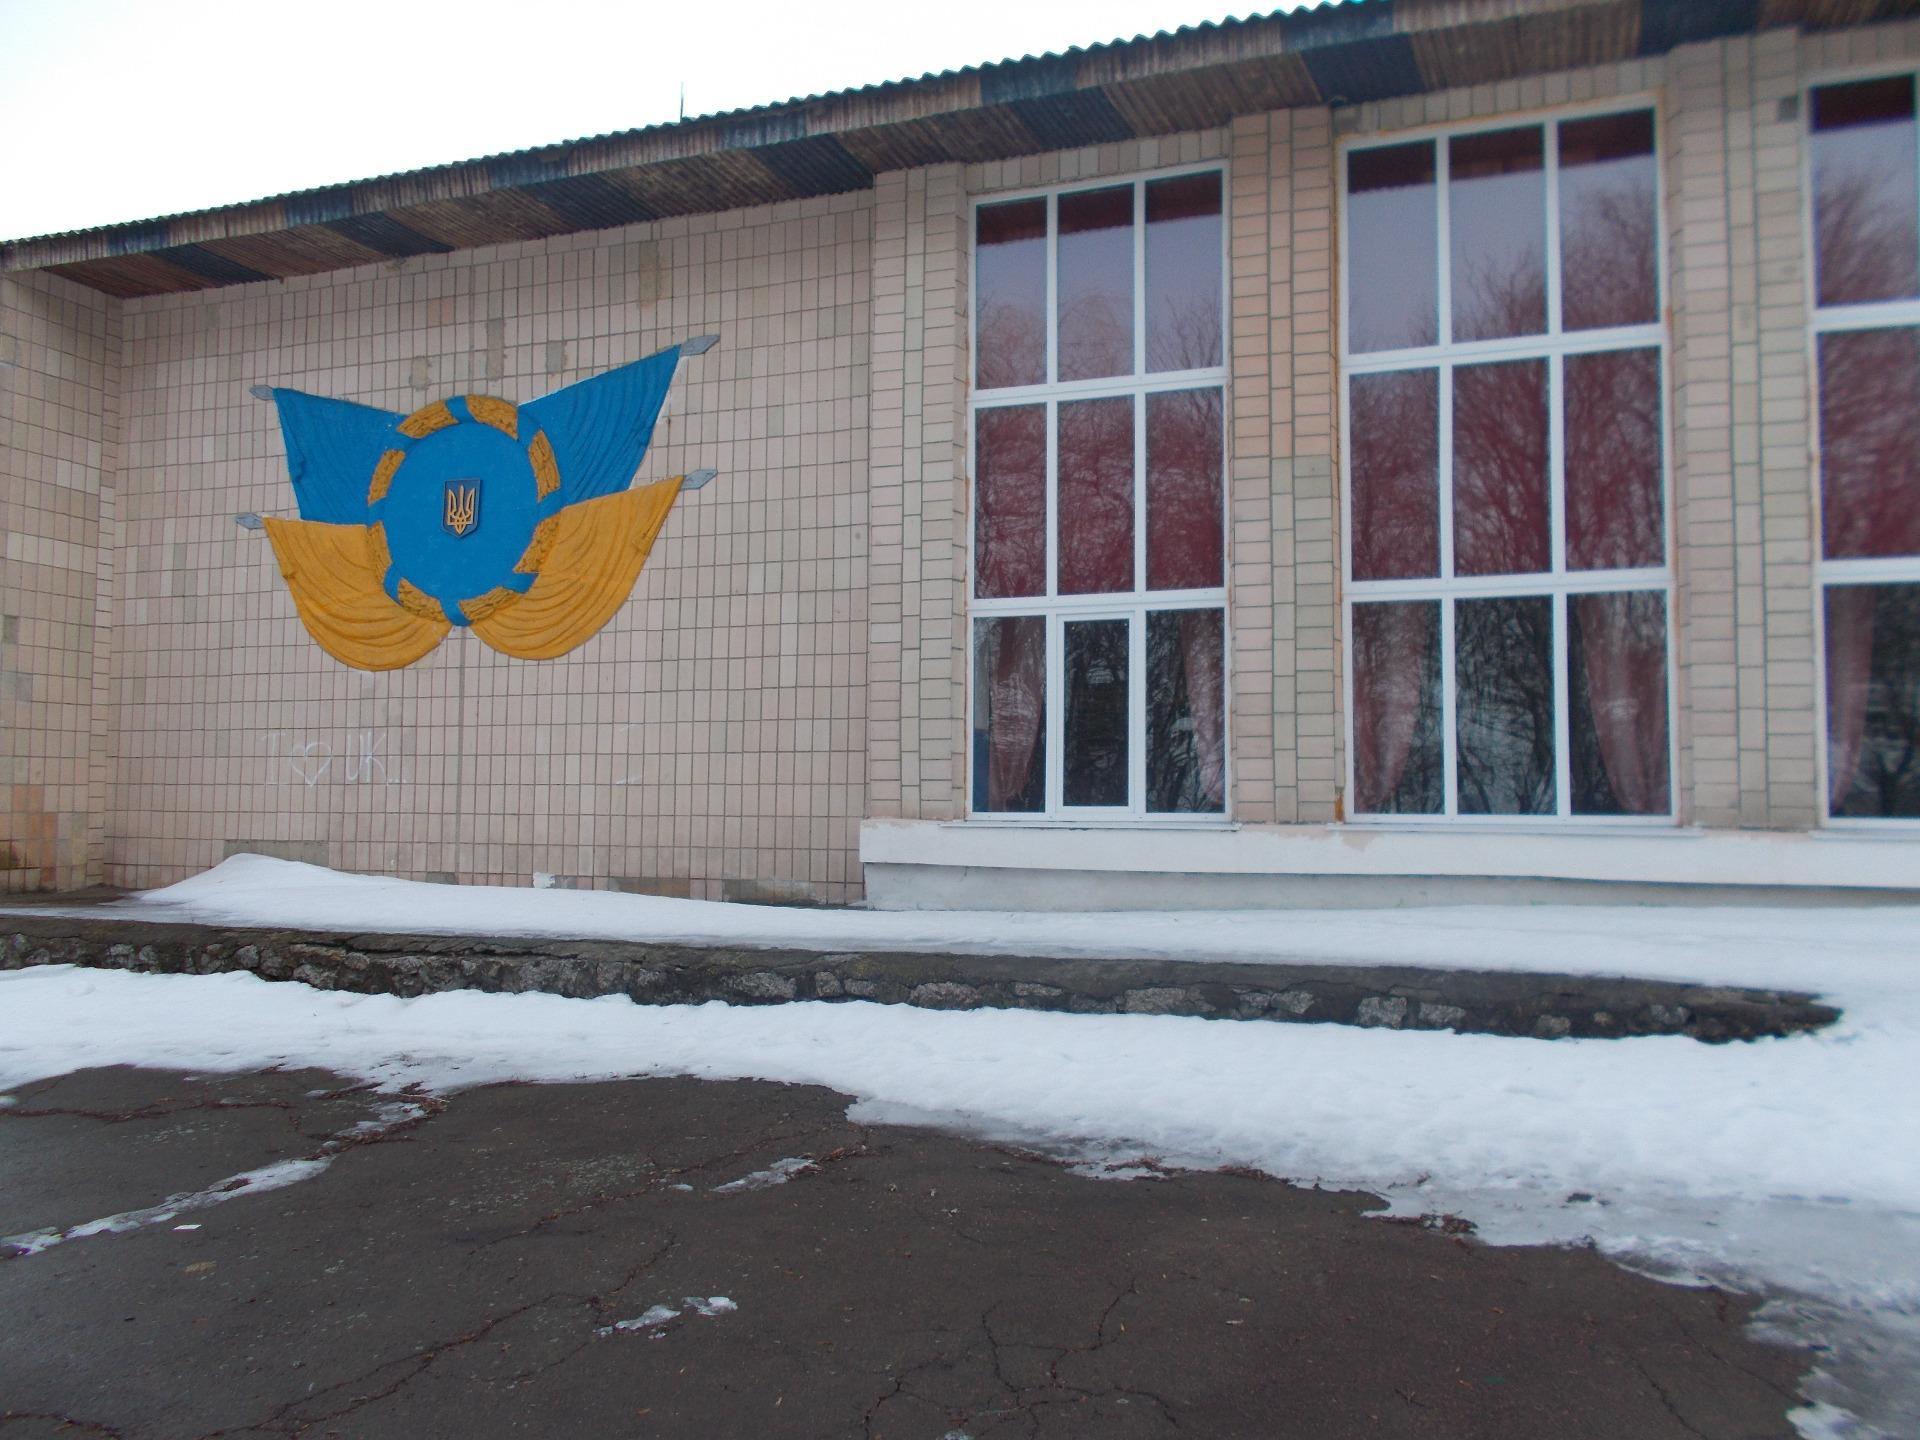 Ганнівський будинок культури-забезпечення культурного відпочинку населення.